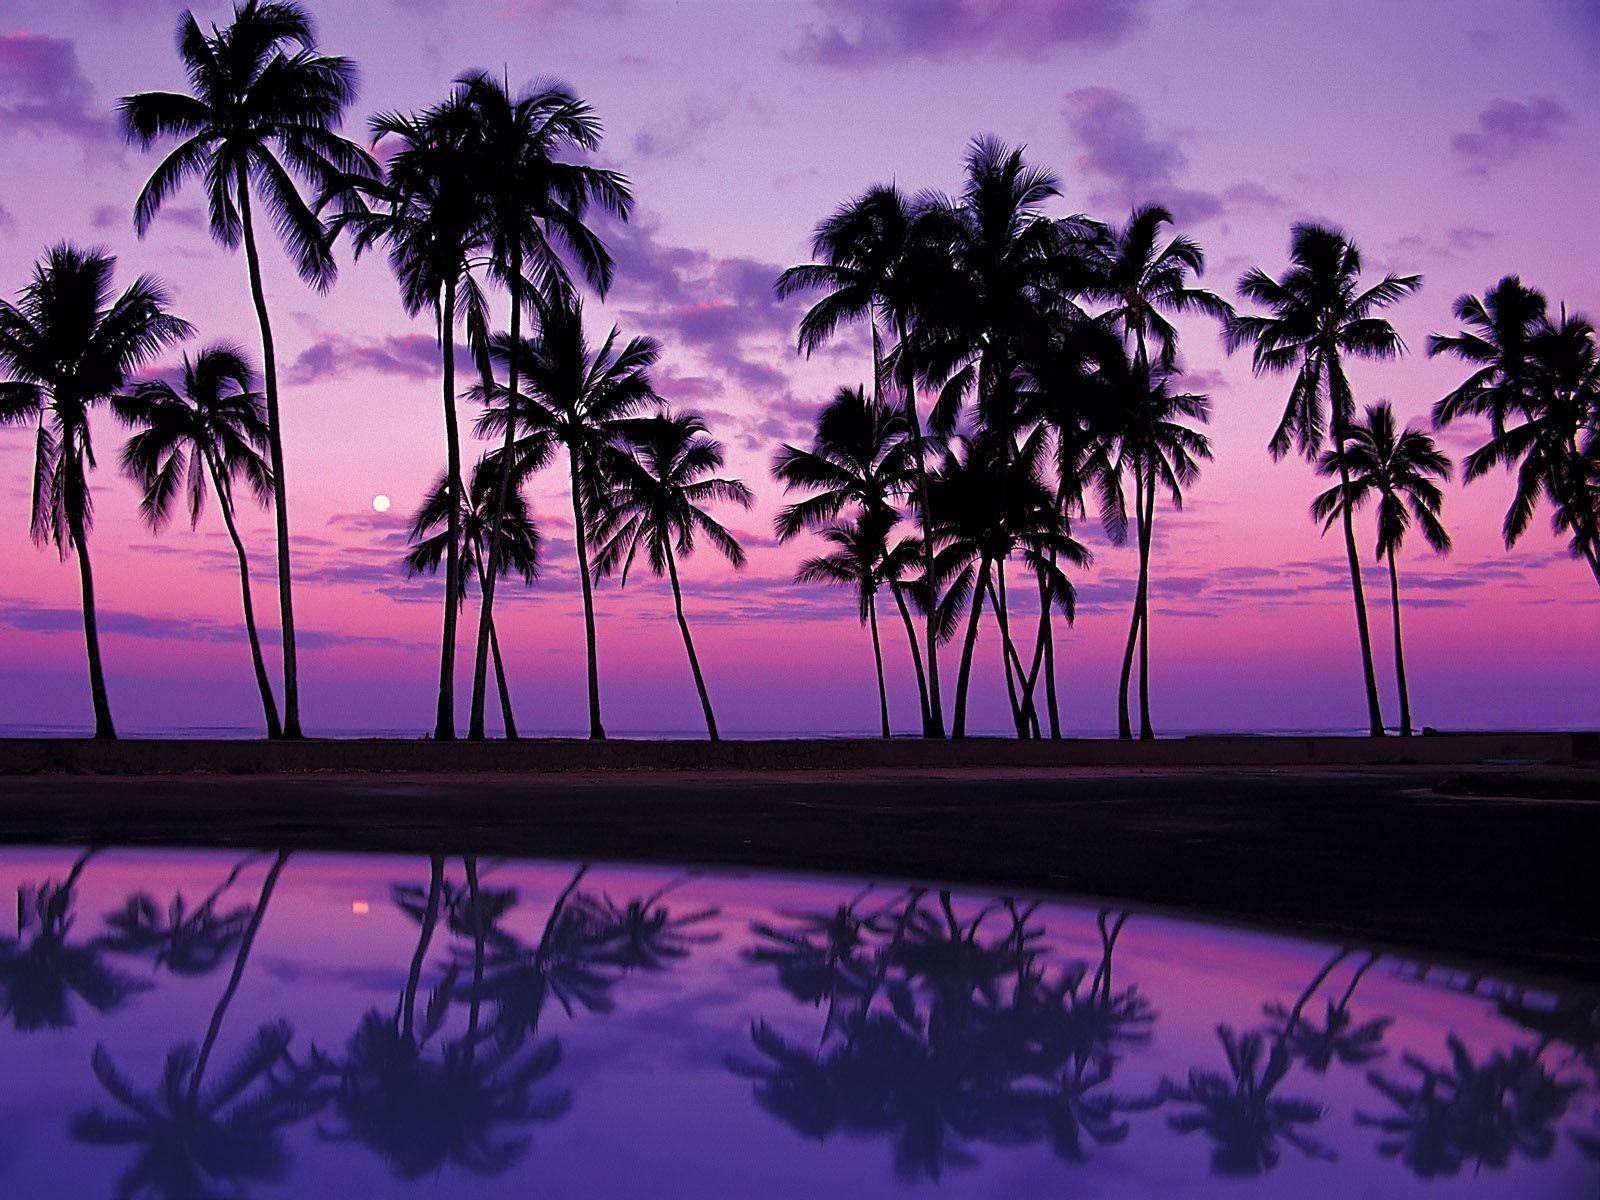 Hawaiian Skies set